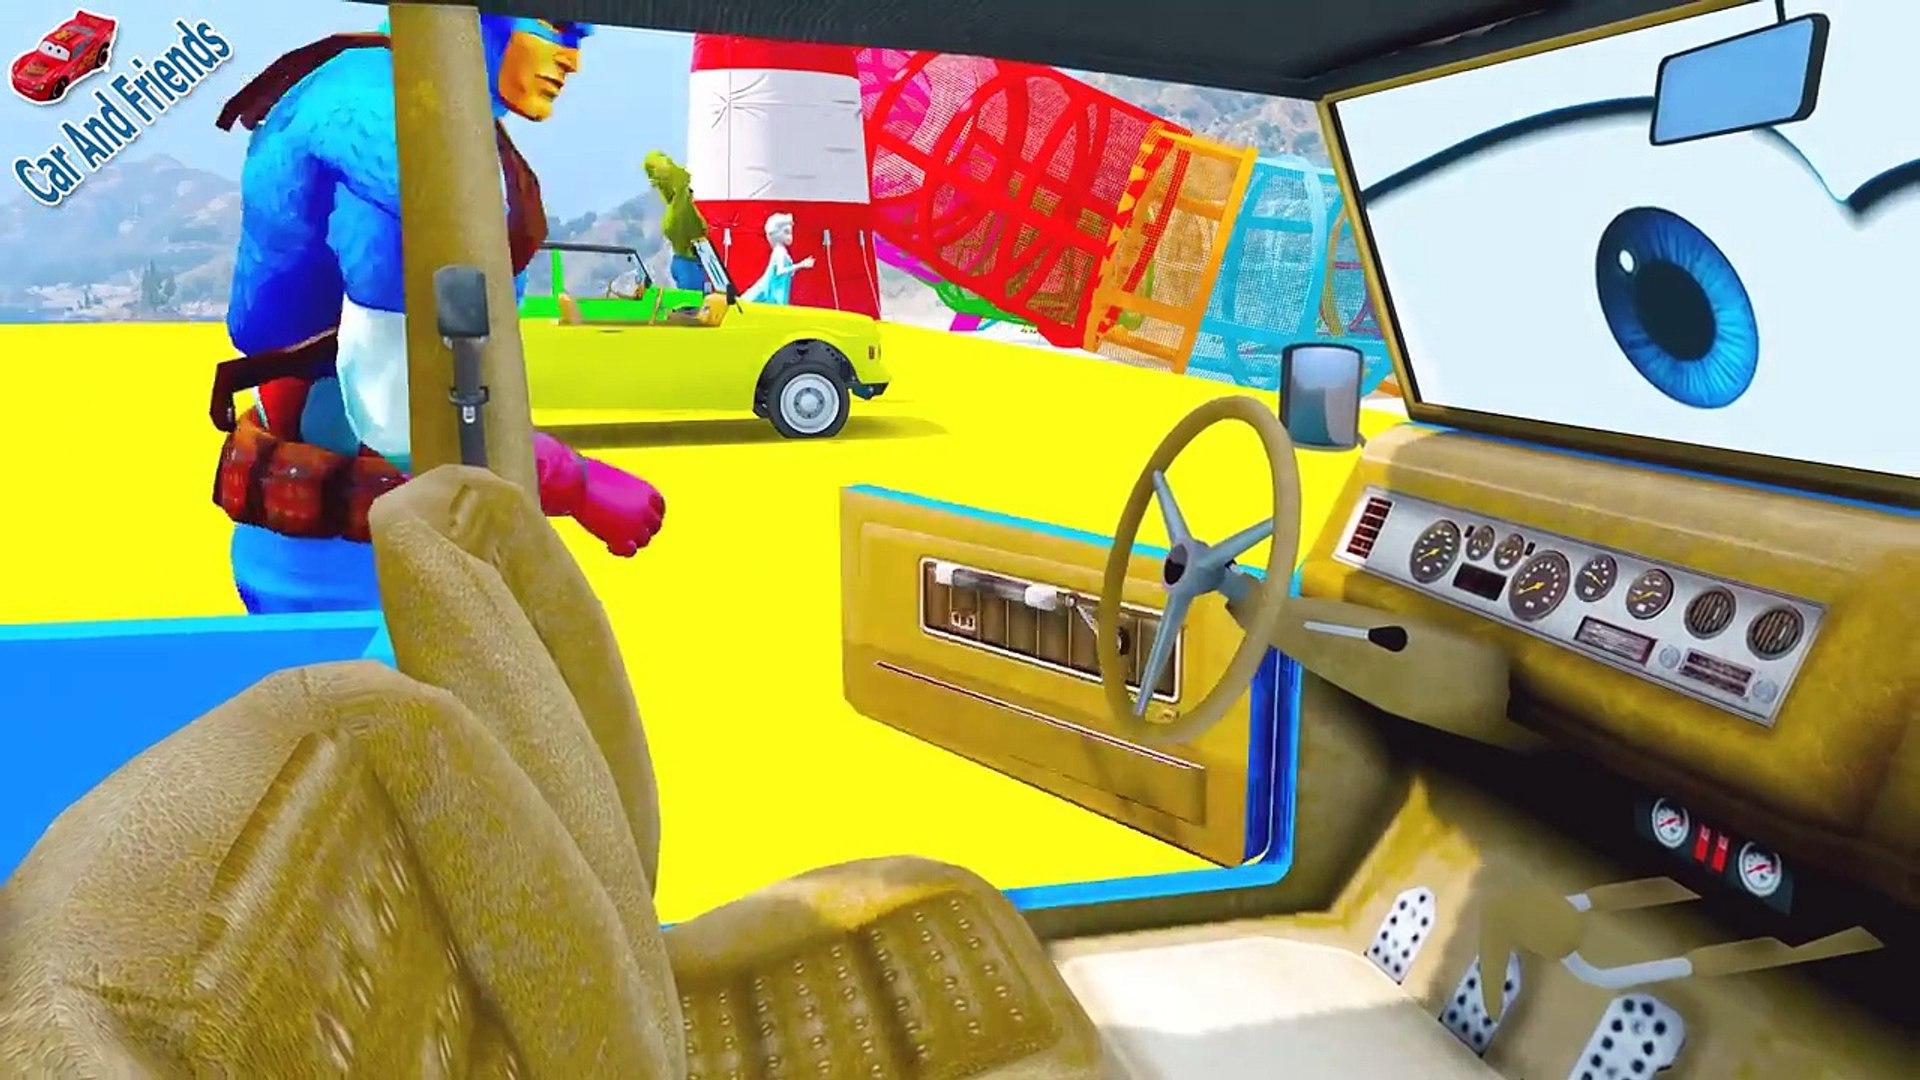 Arabalar çizgi film _ Renkler Öğrenin Çocuklar İçin Uzun Araba SUV Car W Örümcek Adam,Çizgi film izl